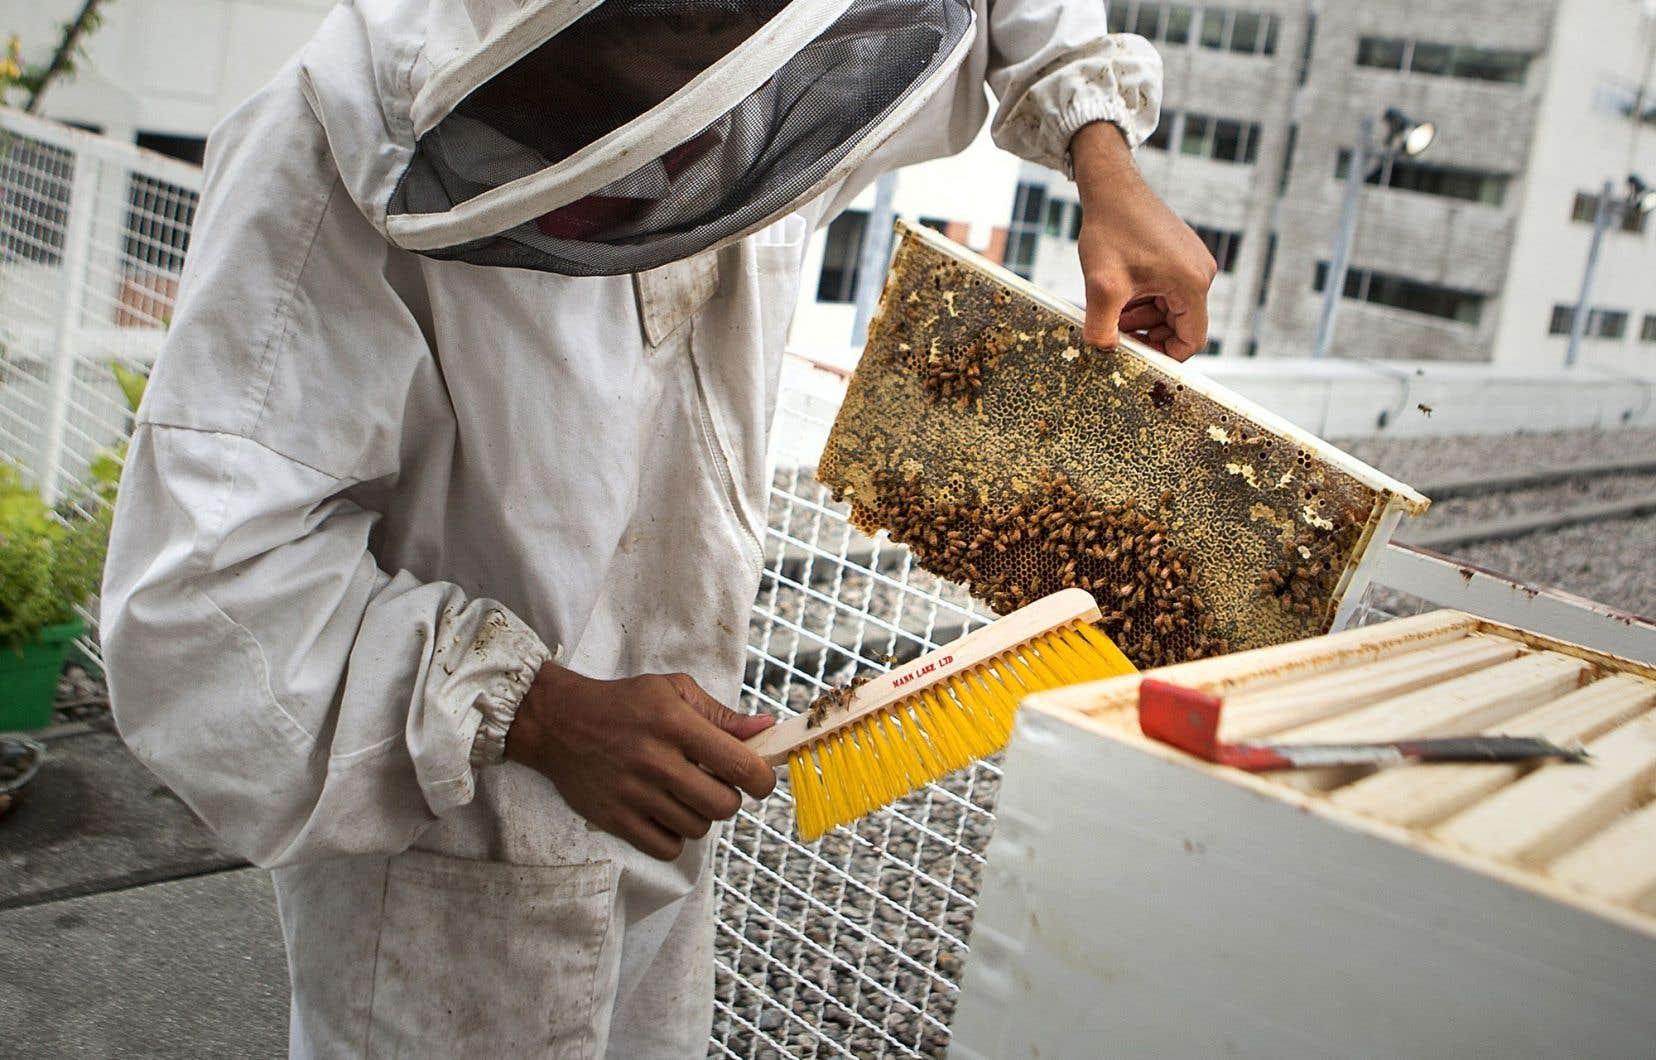 Les abeilles souffrent de l'usage des insecticides de la classe des néonicotinoïdes. Il faut donc adopter une stratégie rationnelle et rigoureuse pour son utilisation.